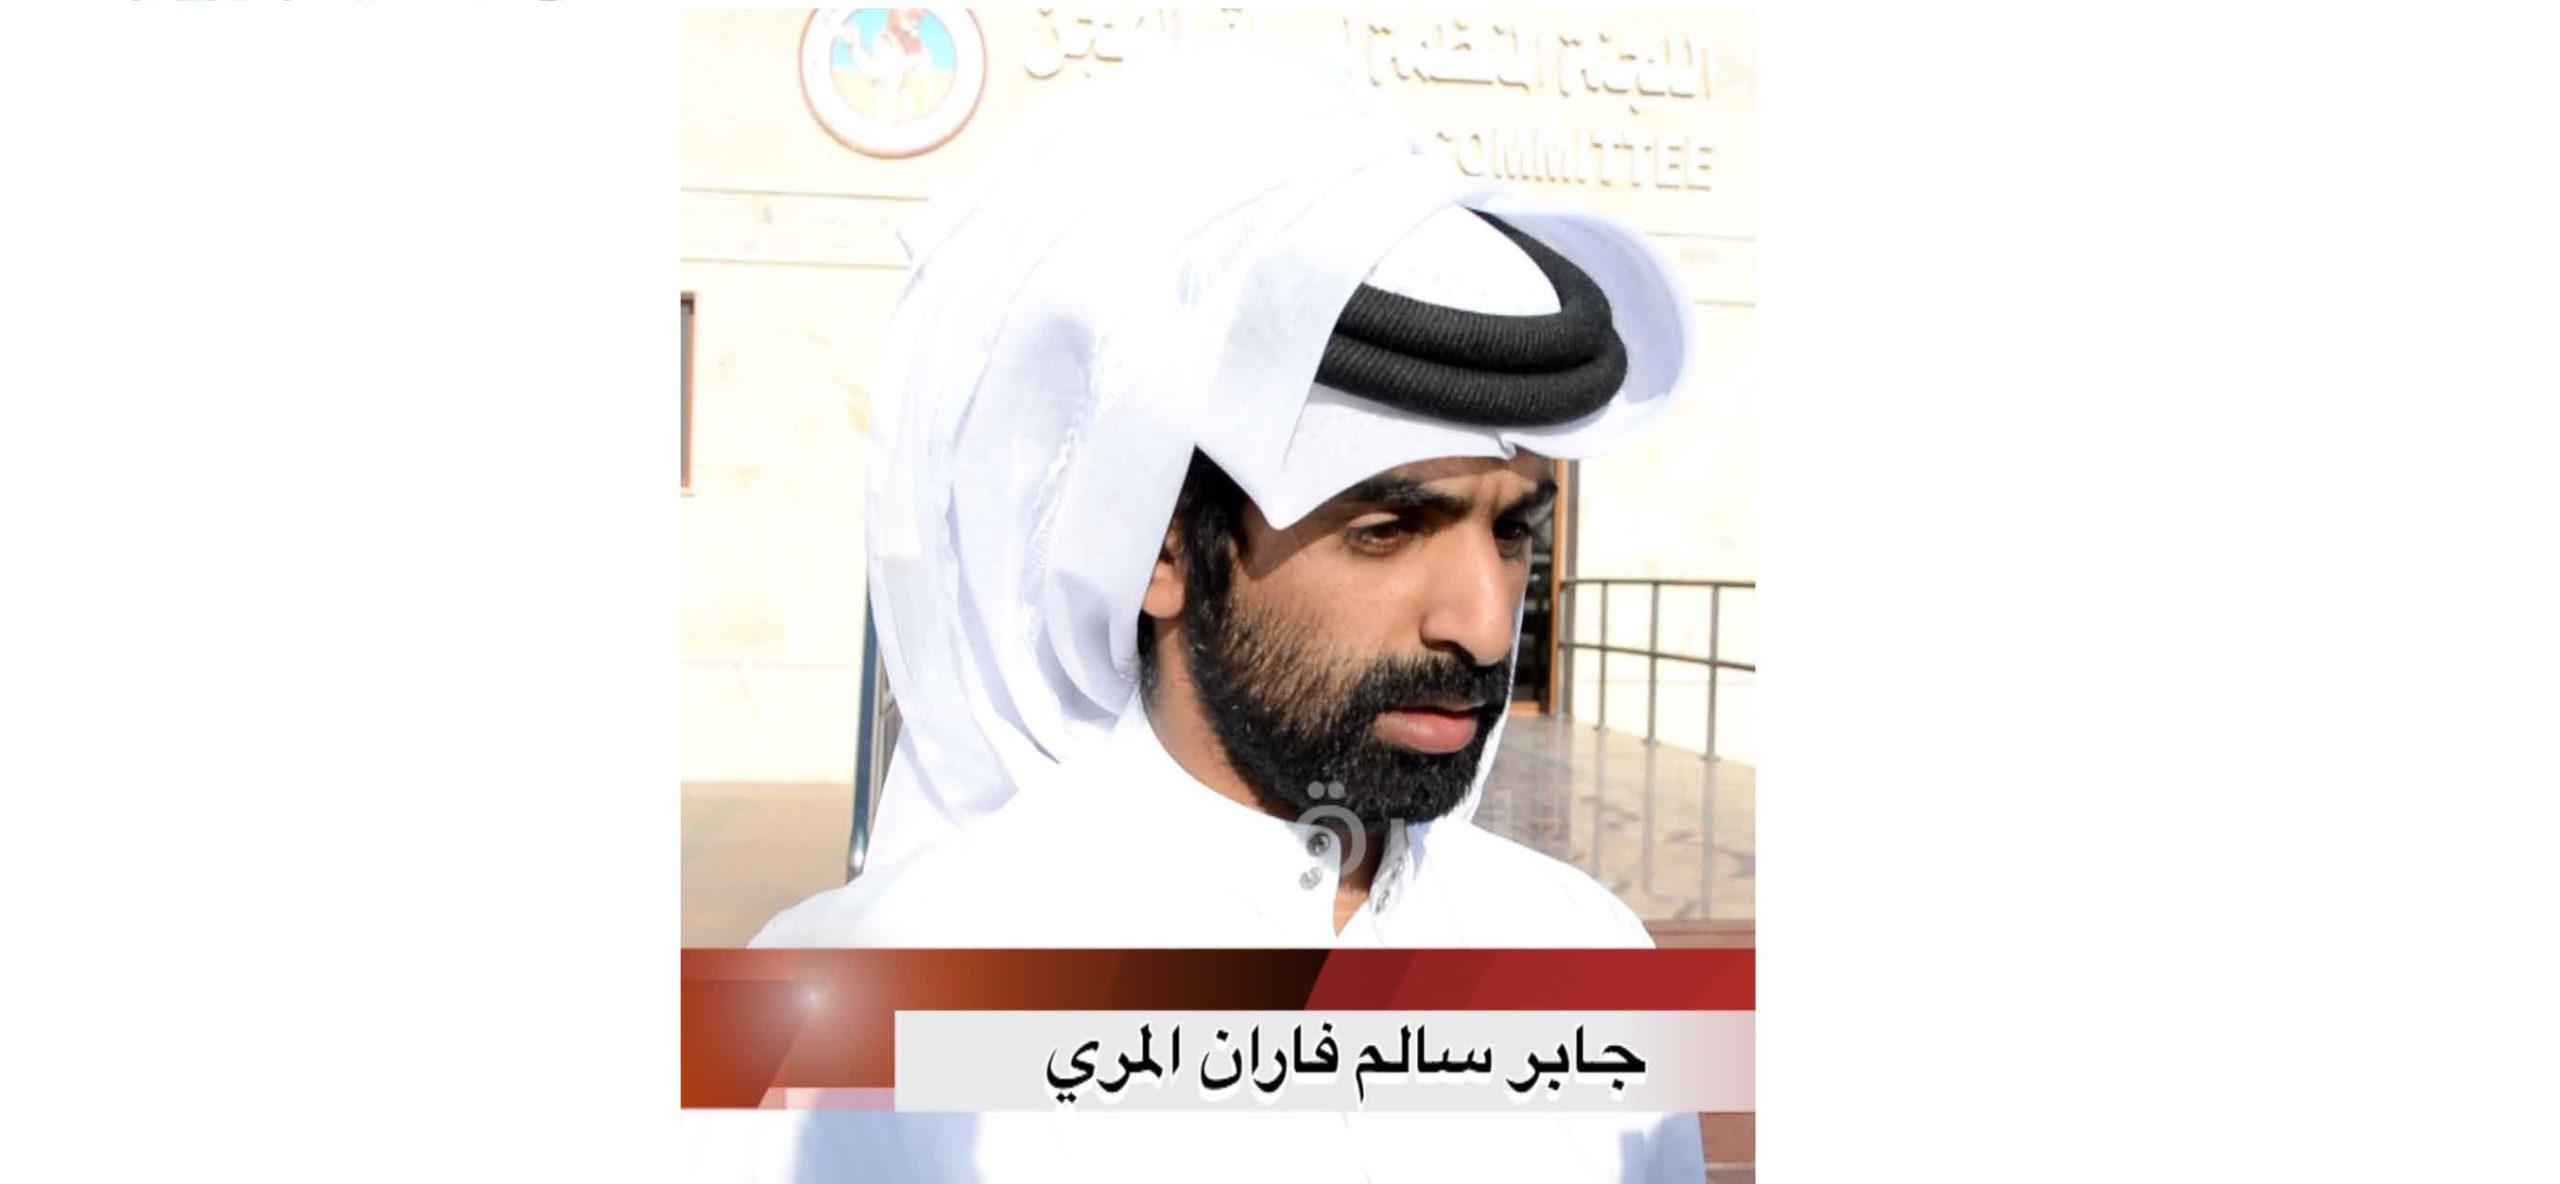 """الشبل جابر بن سالم: """"اشيقر"""" كتب شهادة ميلاده في مهرجان غالي على قلوبنا"""